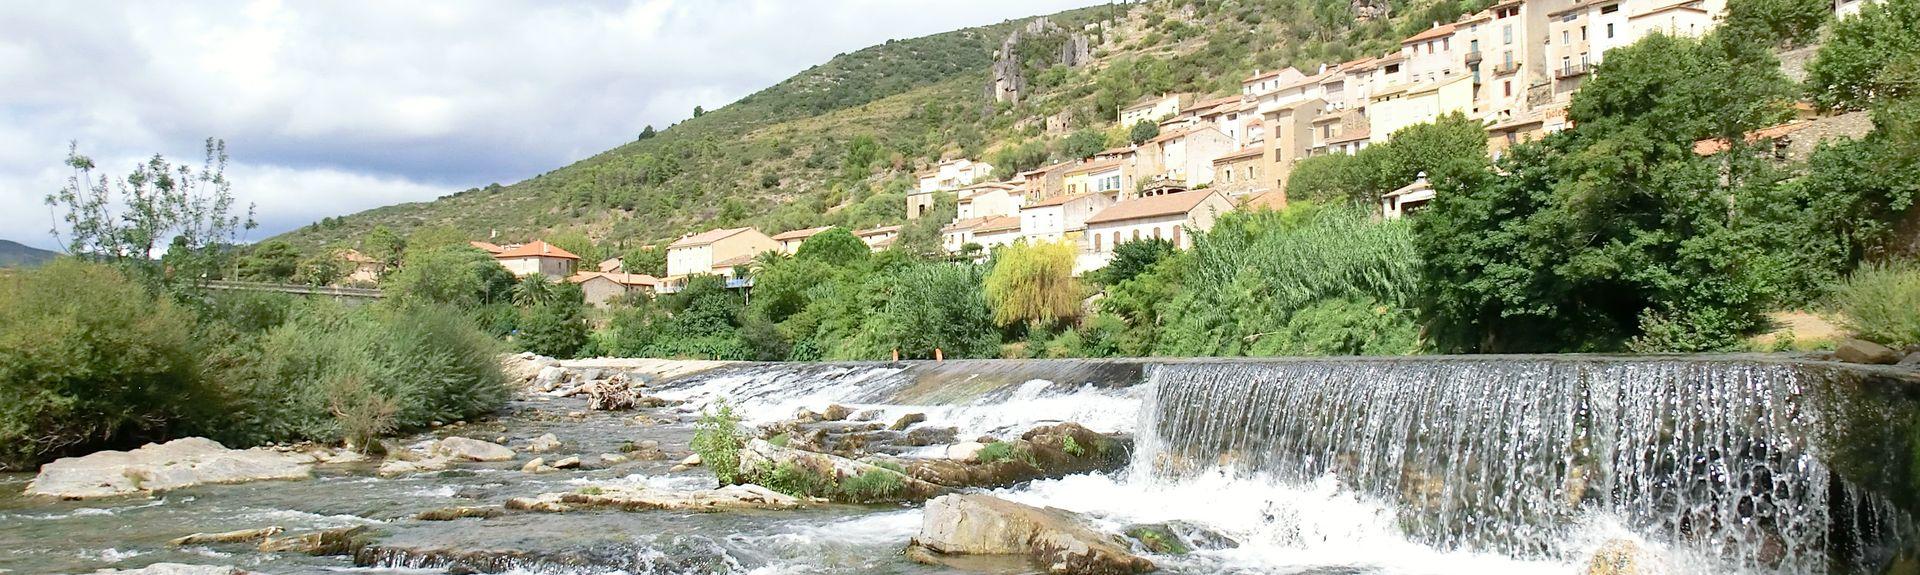 Montels, Hérault (département), France